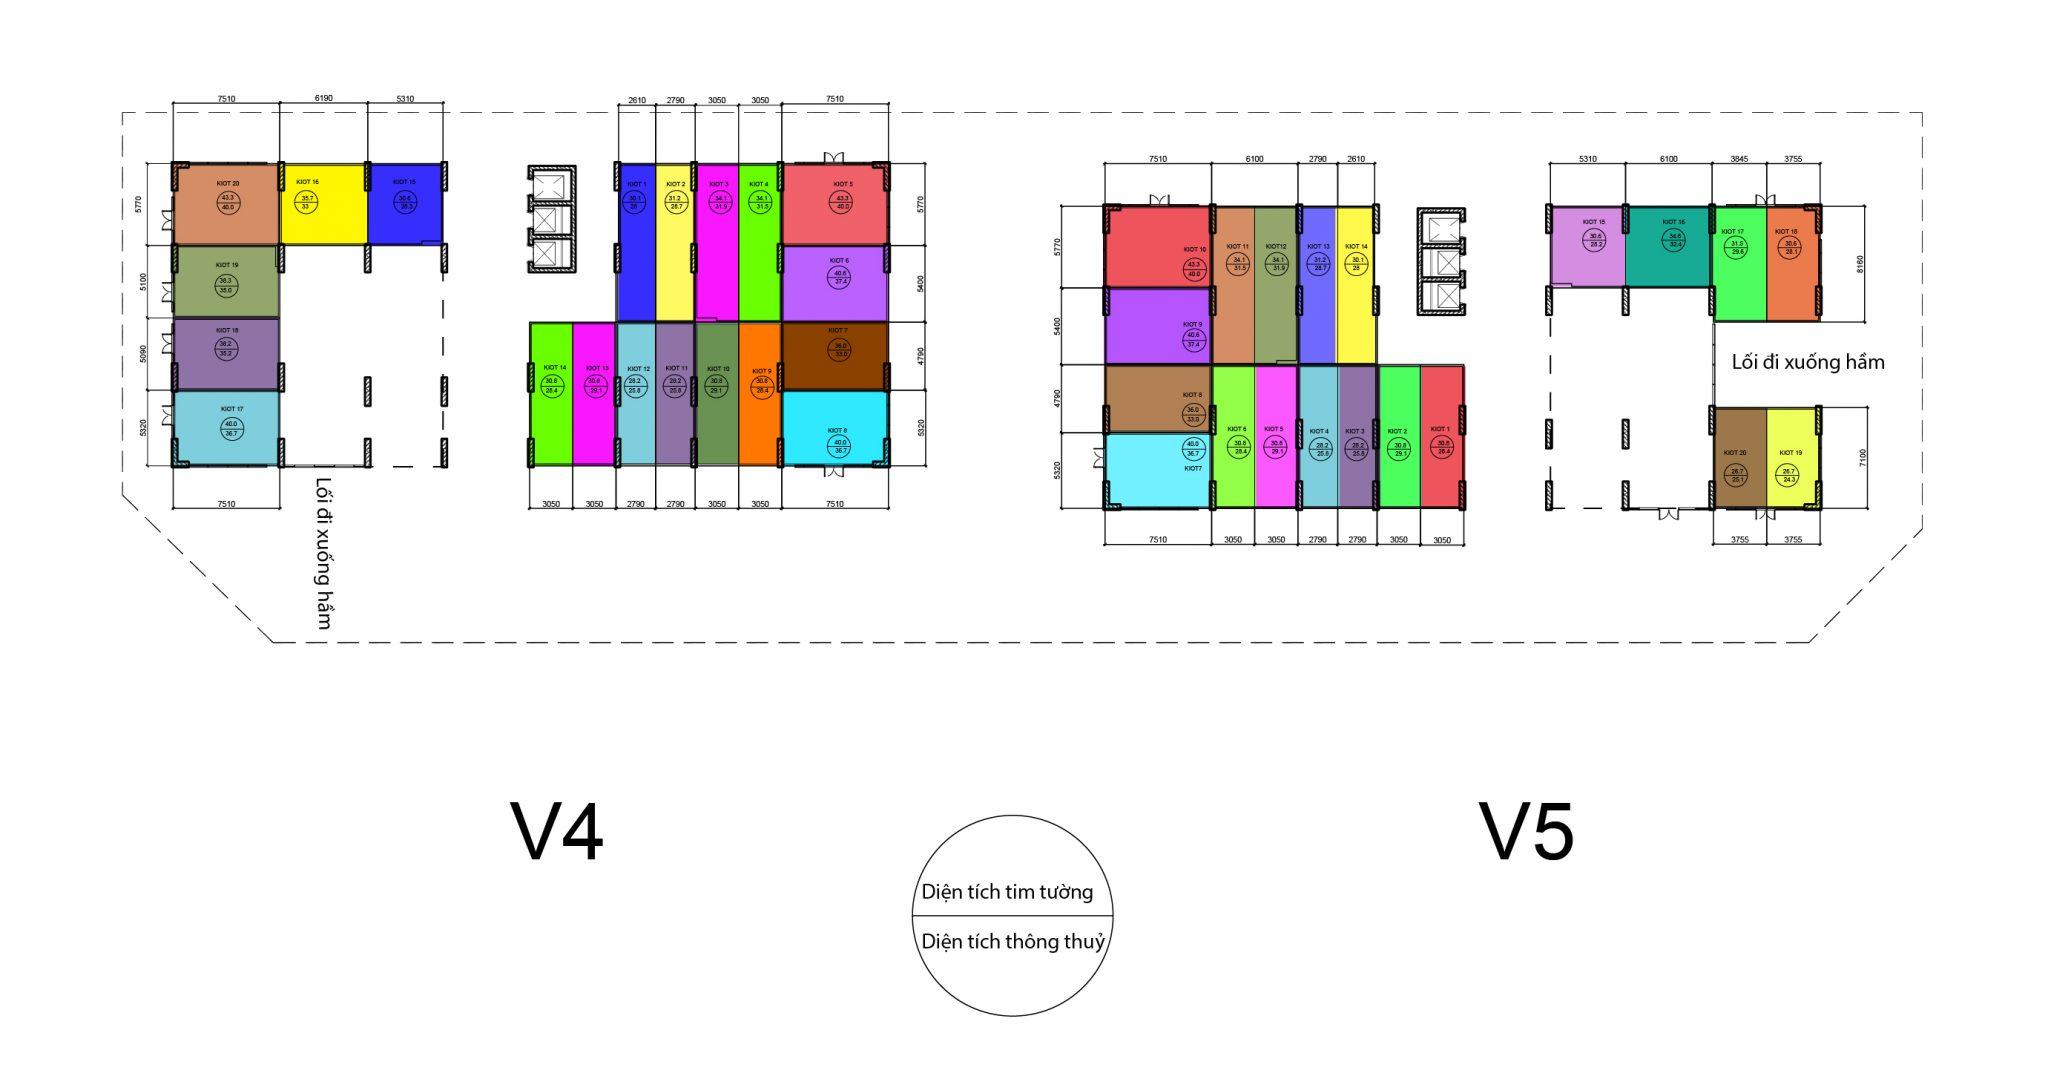 Mặt bằng kiot V4-V5